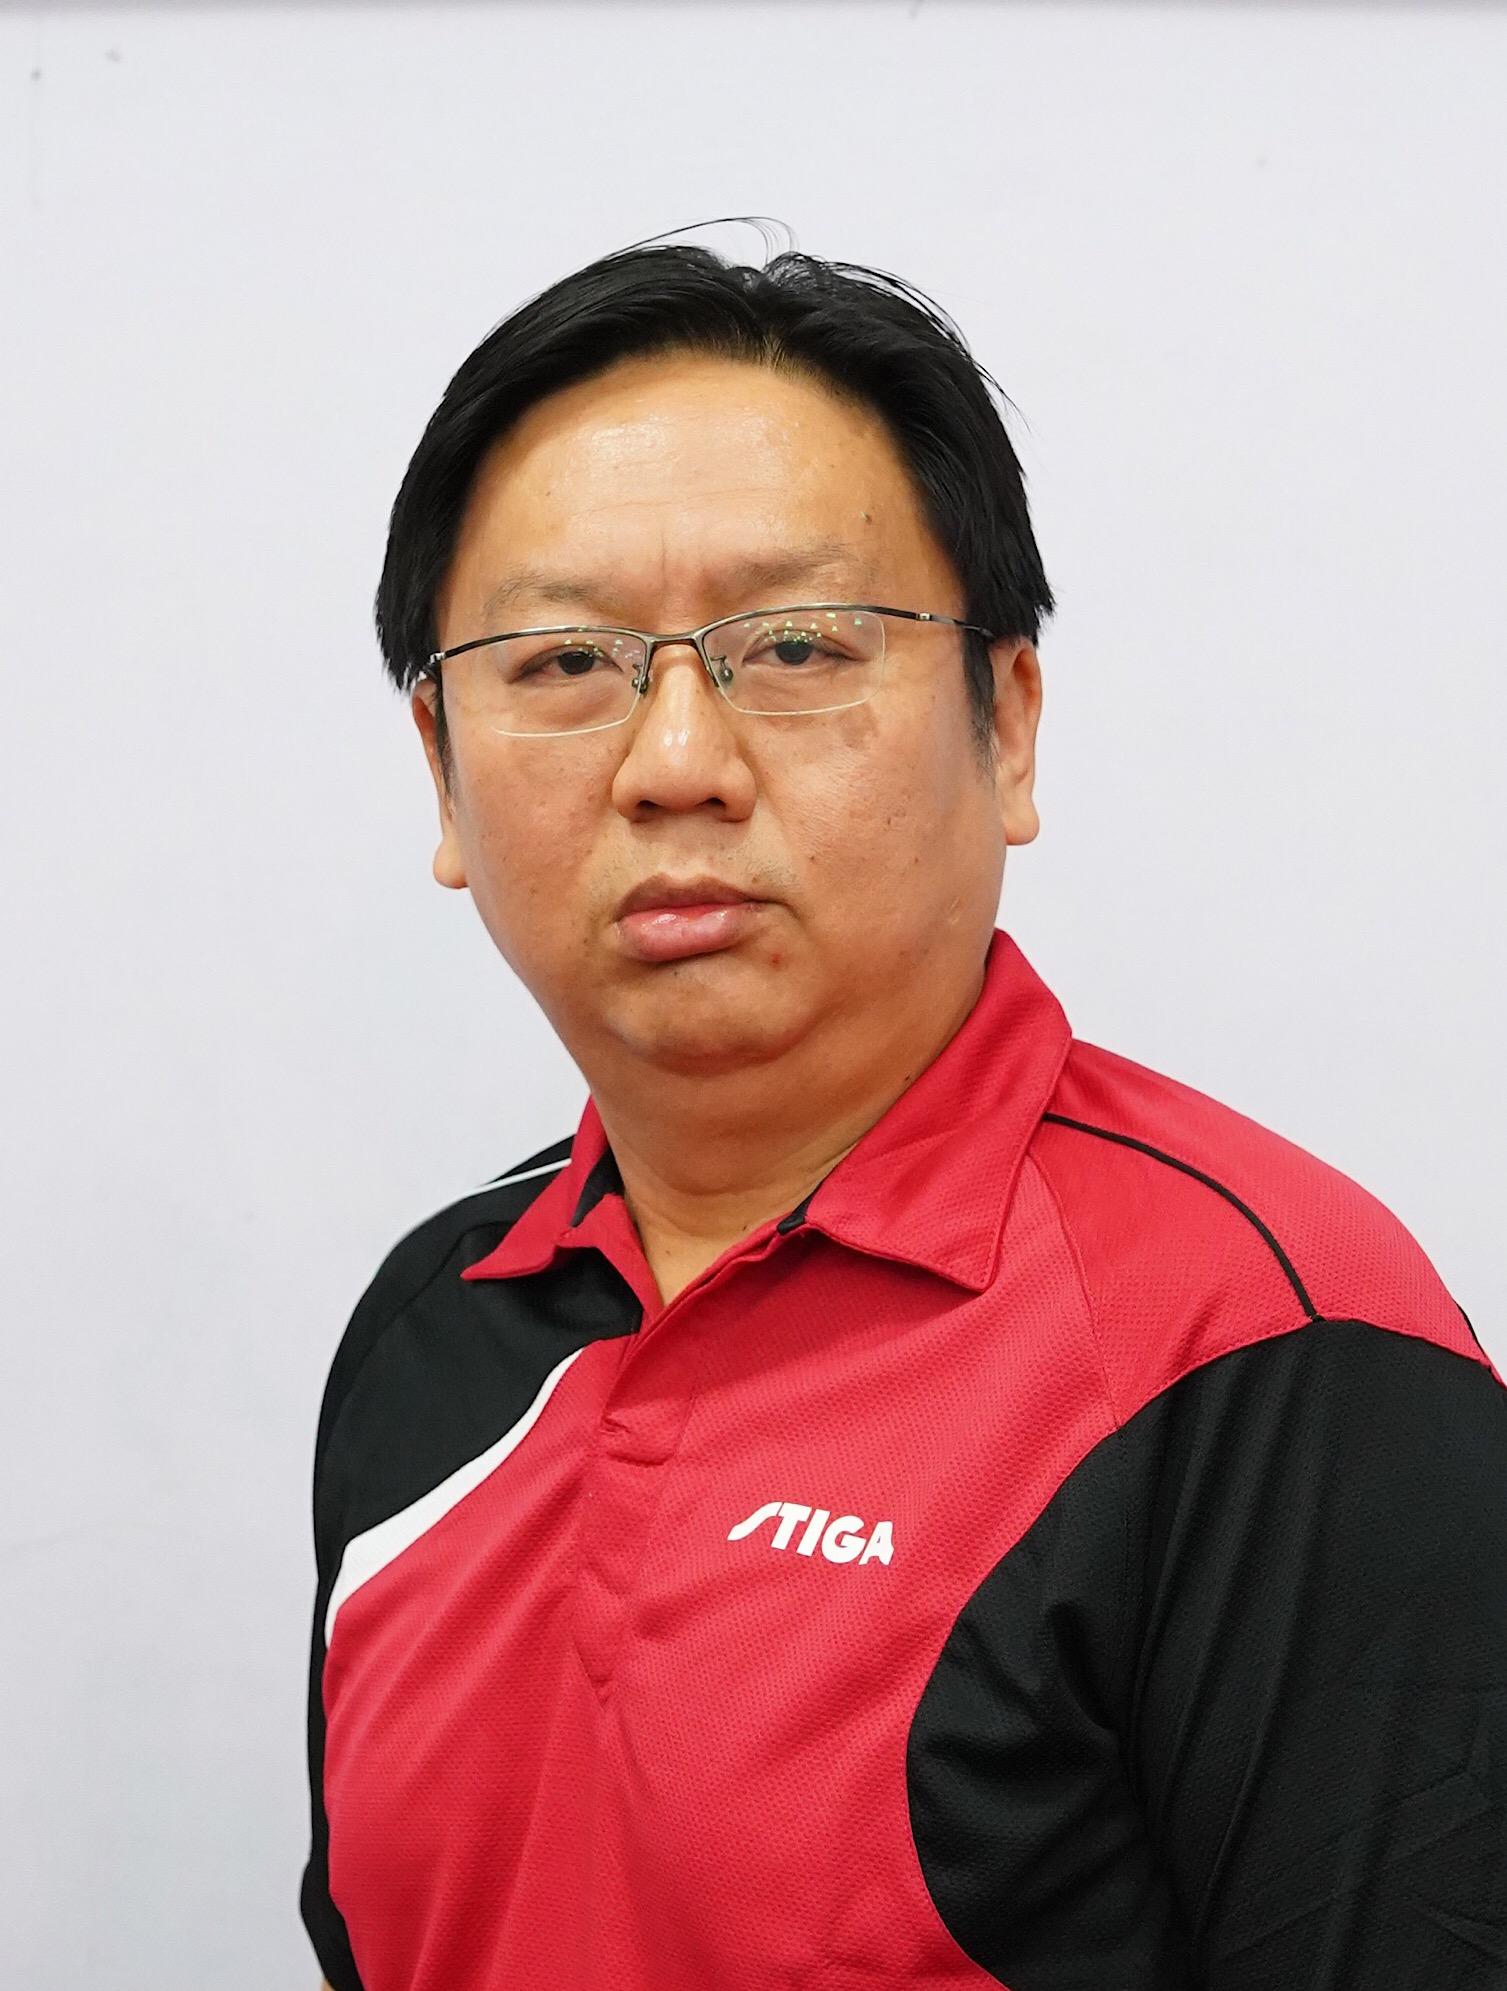 Chua Kok Wei